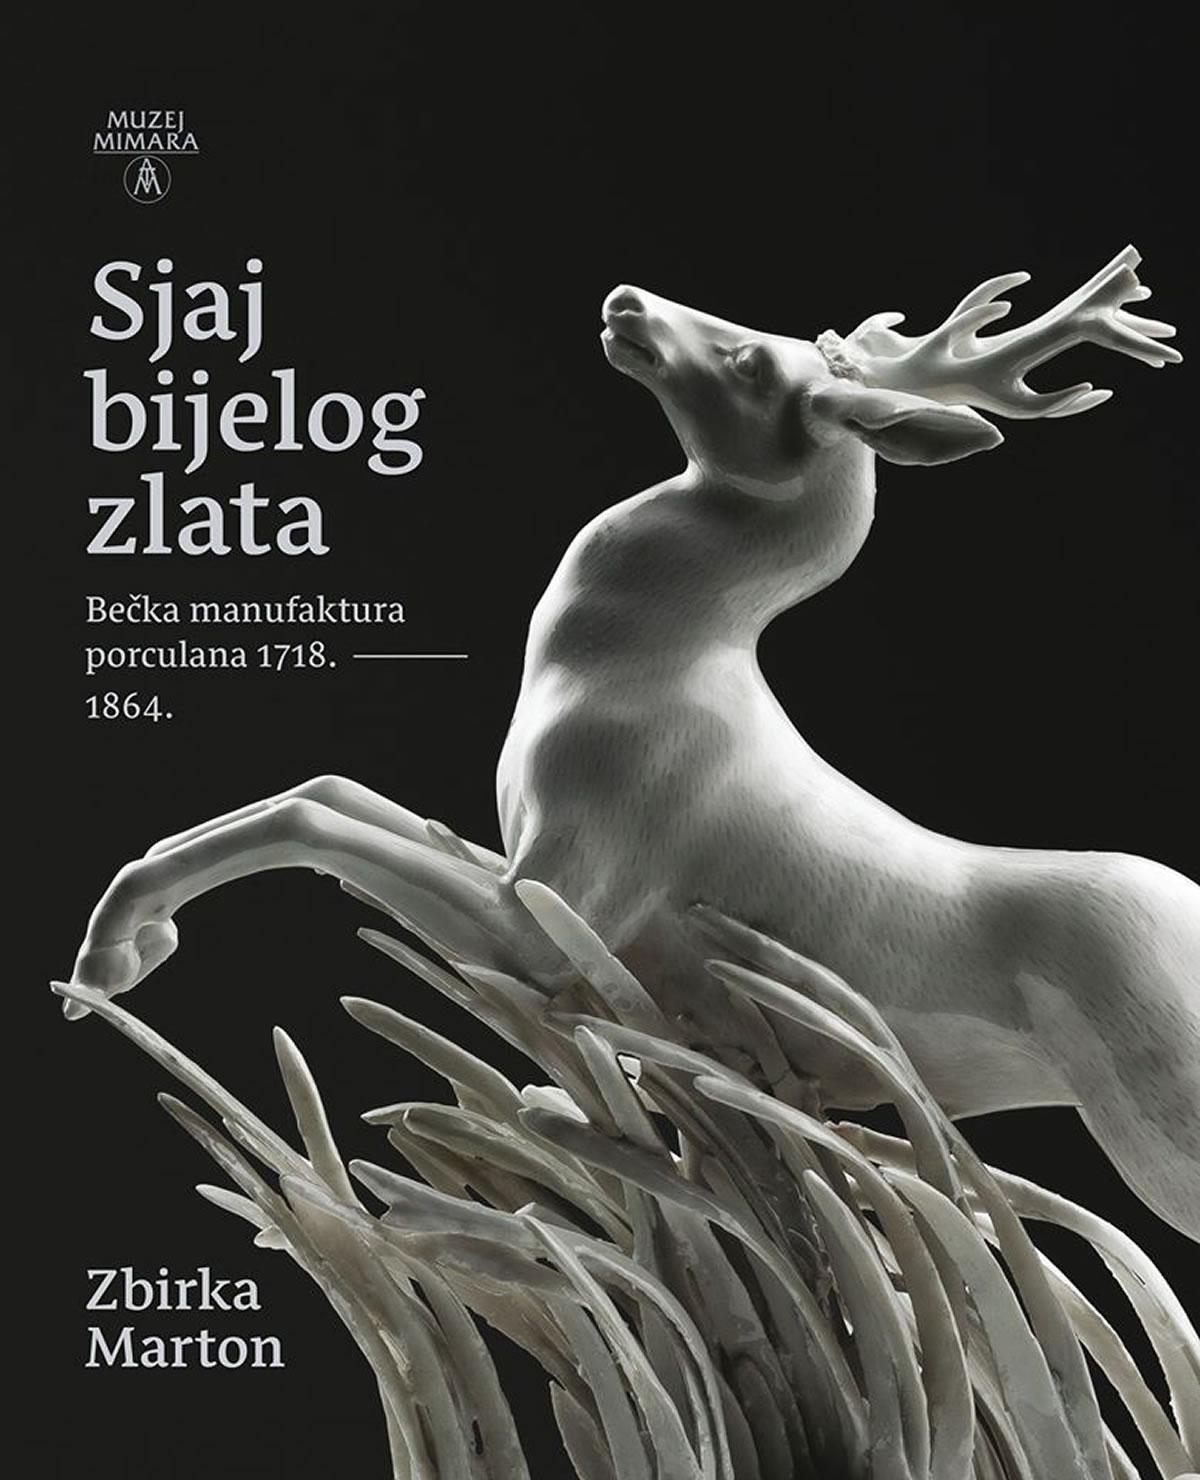 """izložba """"sjaj bijelog zlata"""", muzej mimara, zagreb, 2020"""